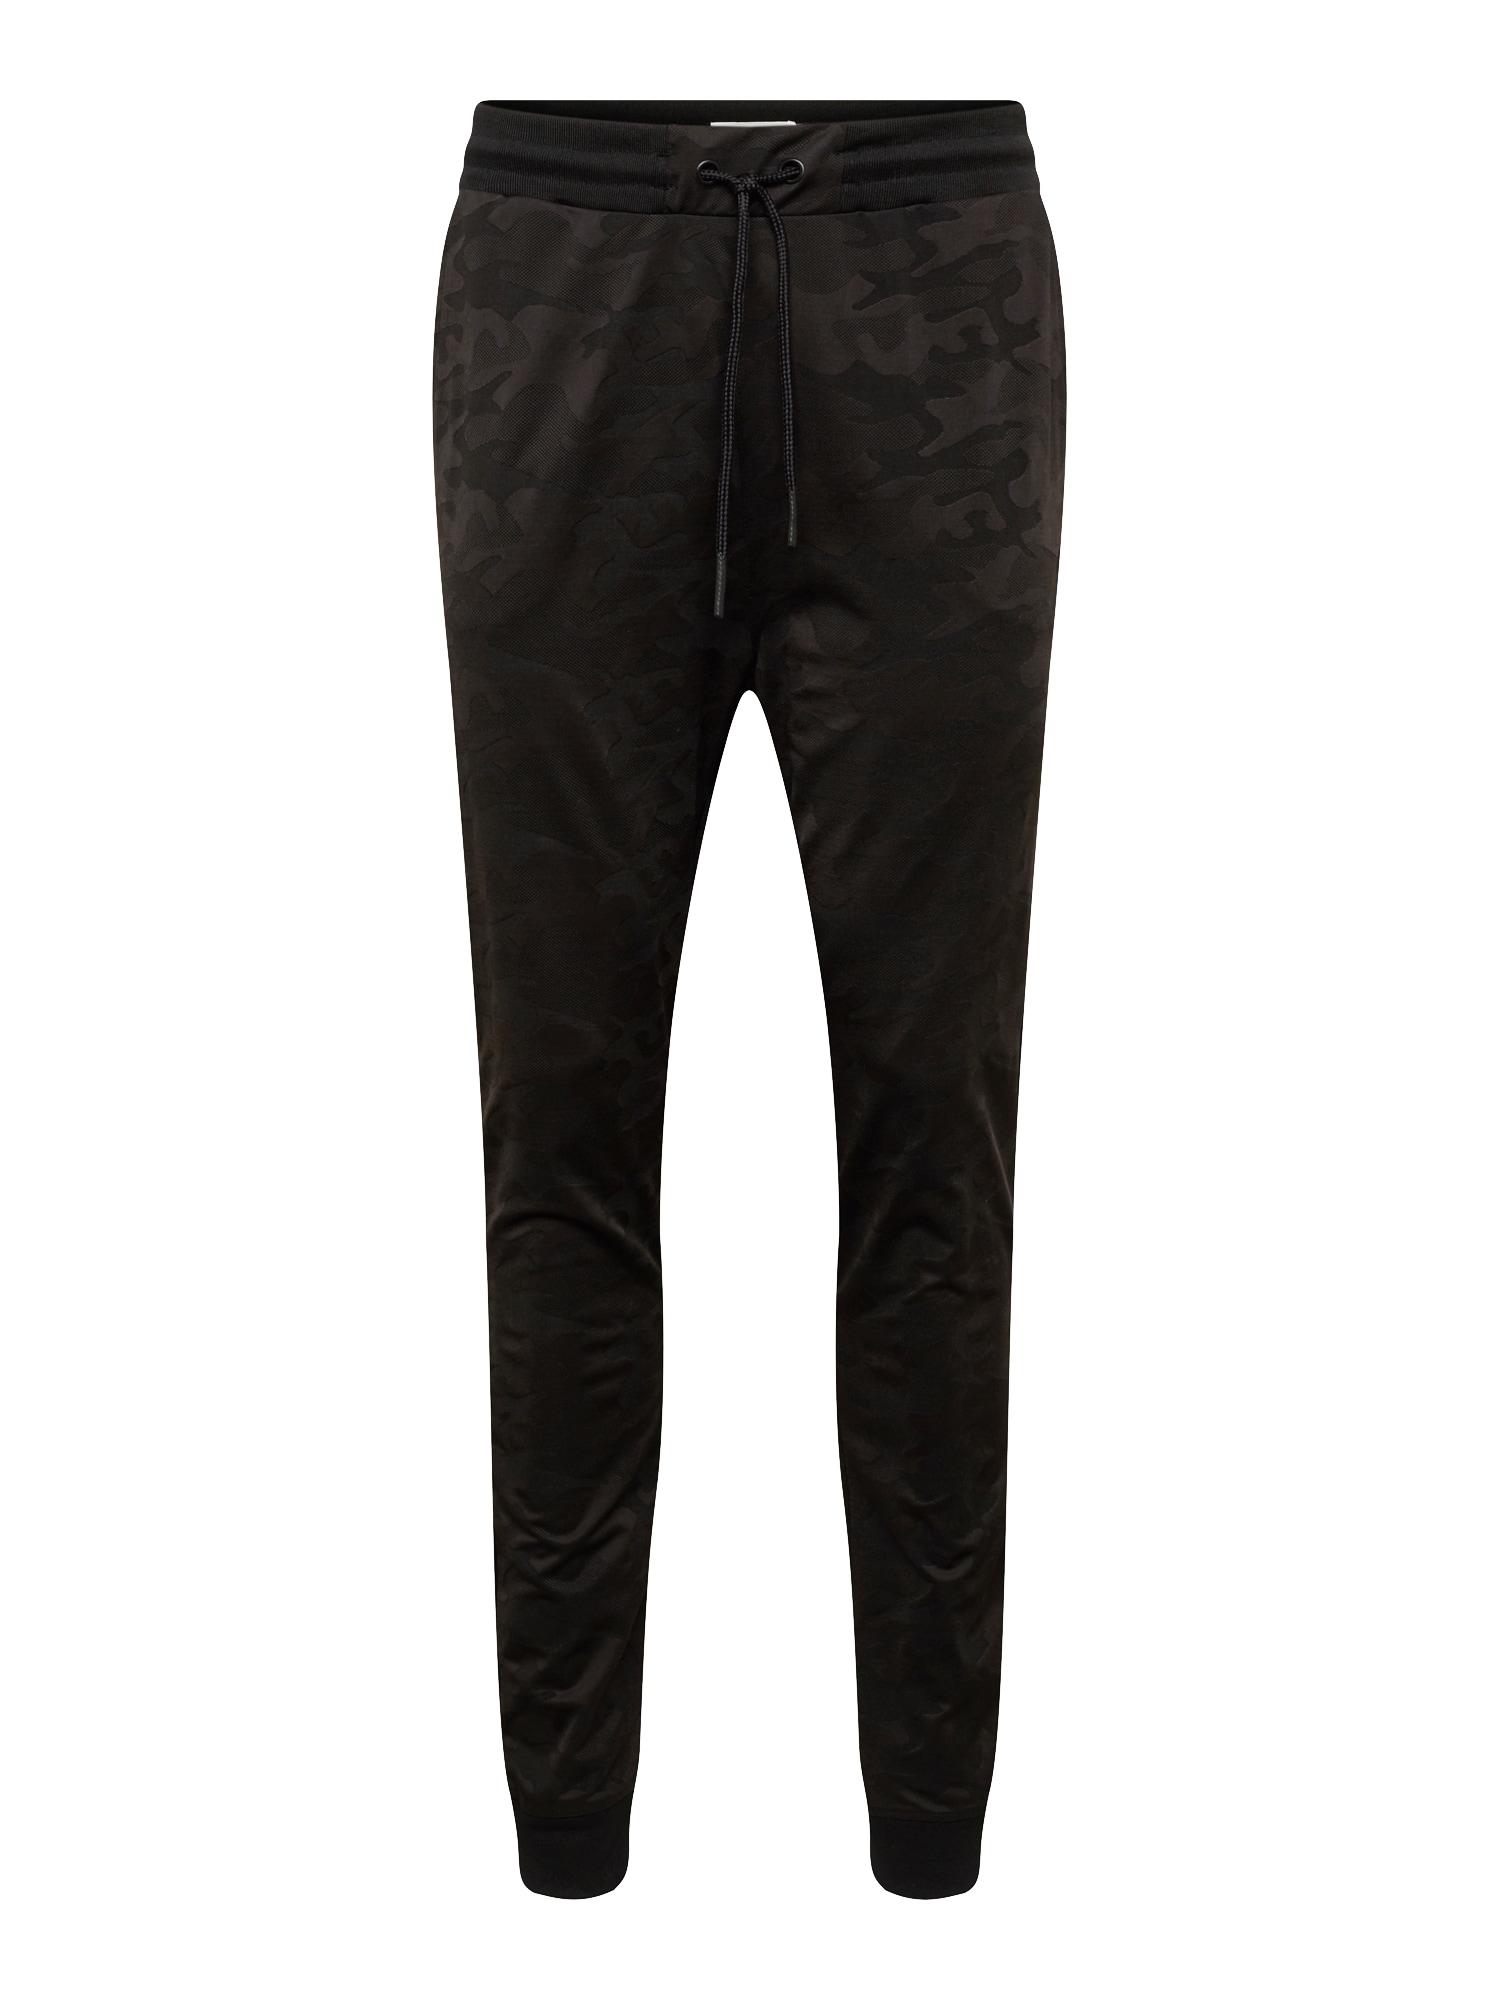 Kalhoty TONE ON TONE CAMO černá YOURTURN